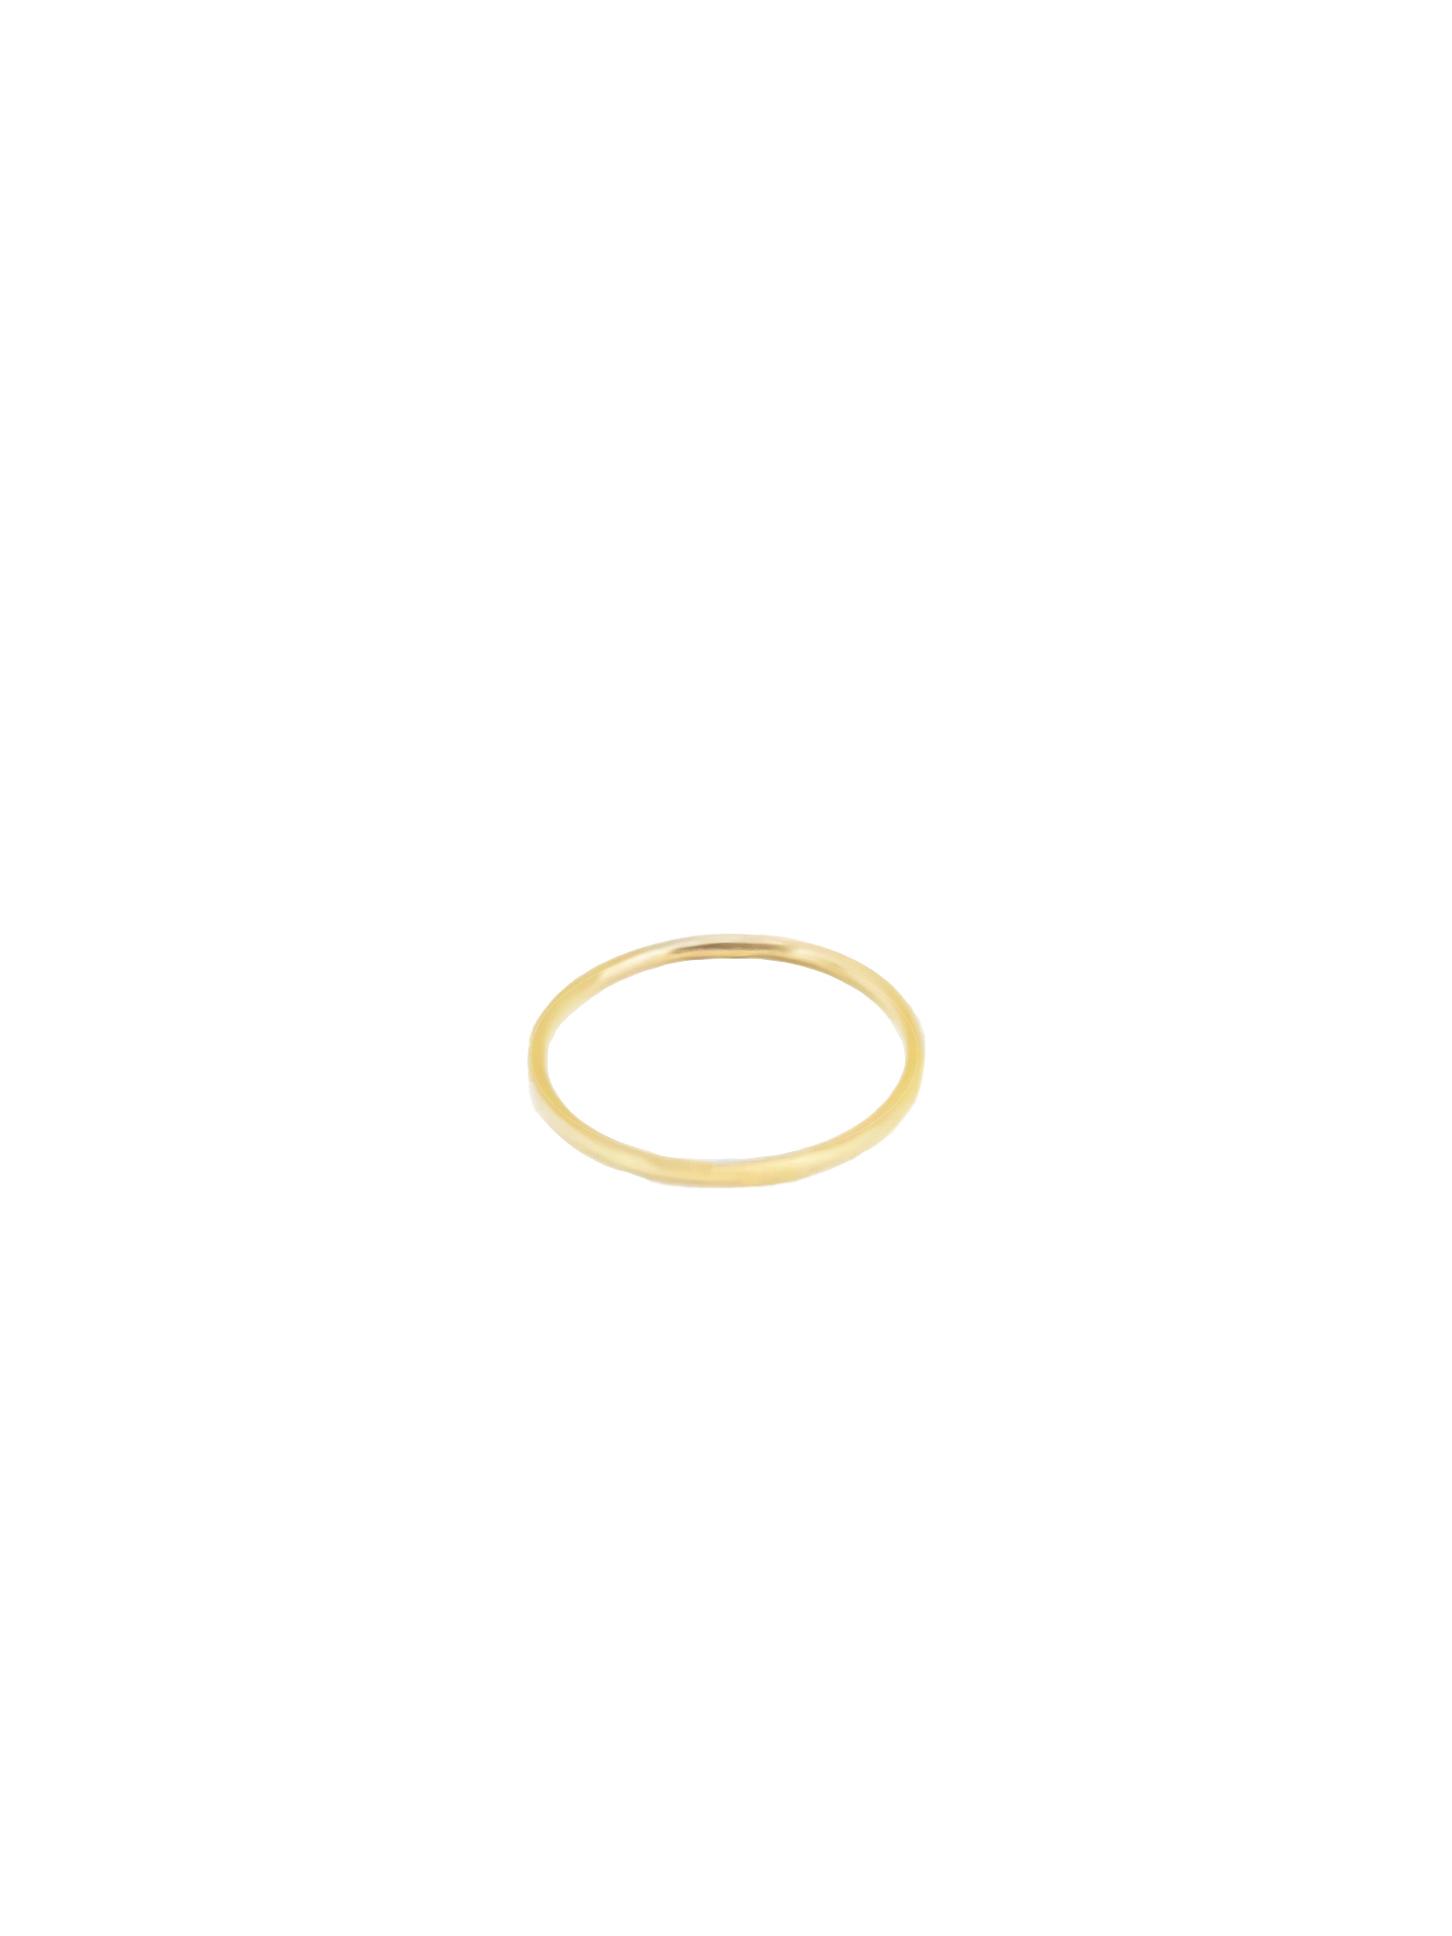 Little Finger Halo Ring.jpg